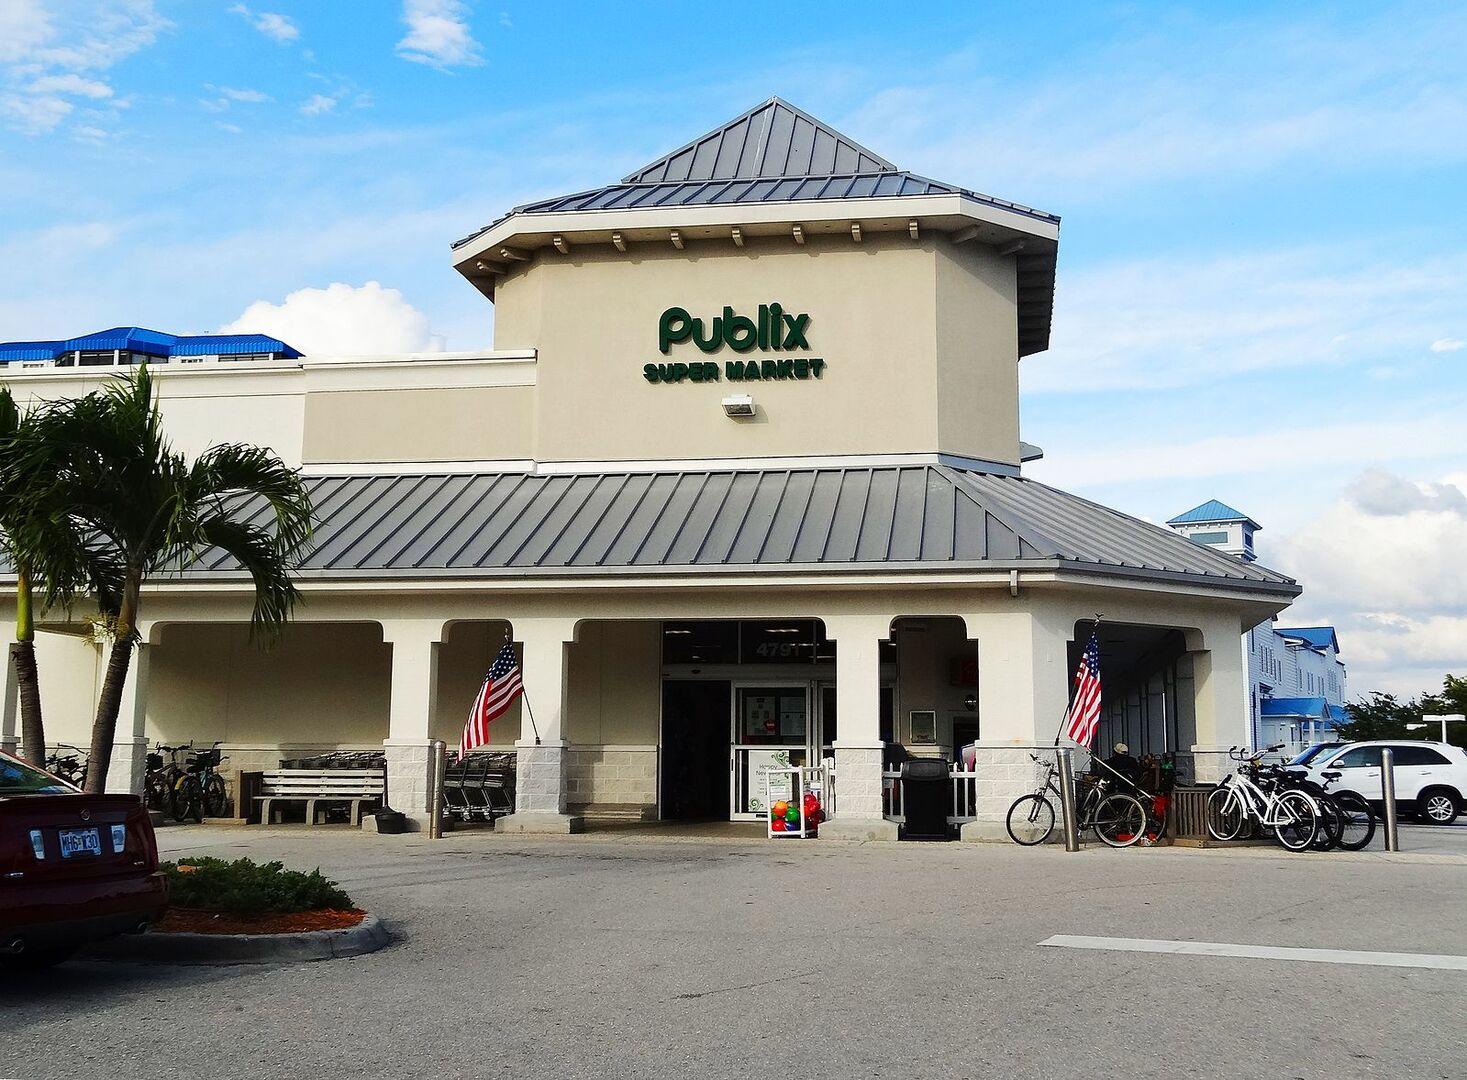 Publix restaurant